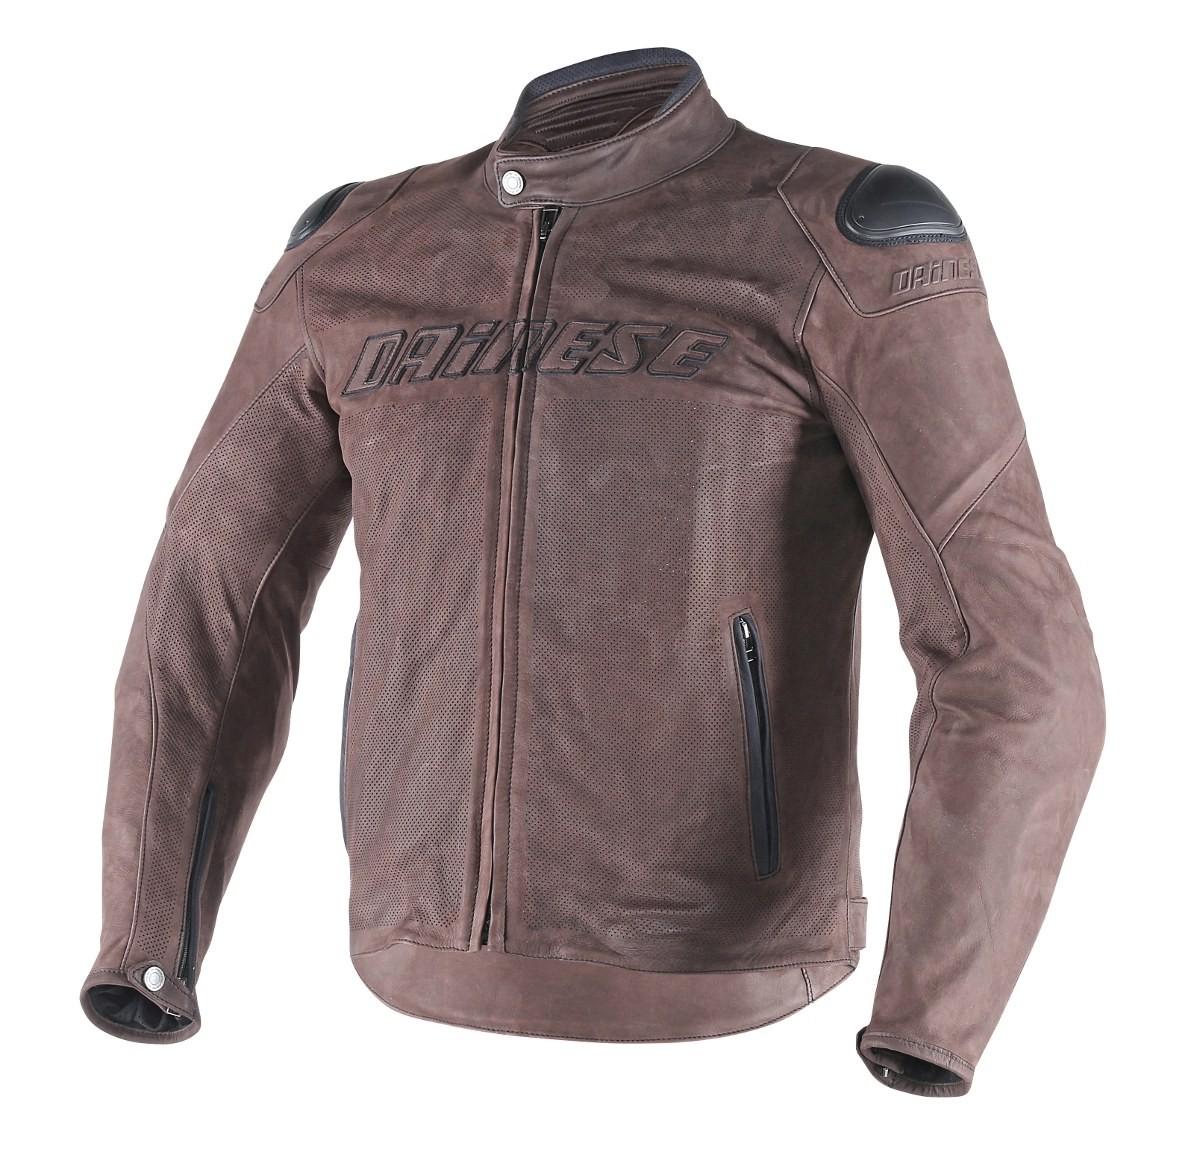 Giacca moto pelle estiva Dainese Street Rider Testa di Moro